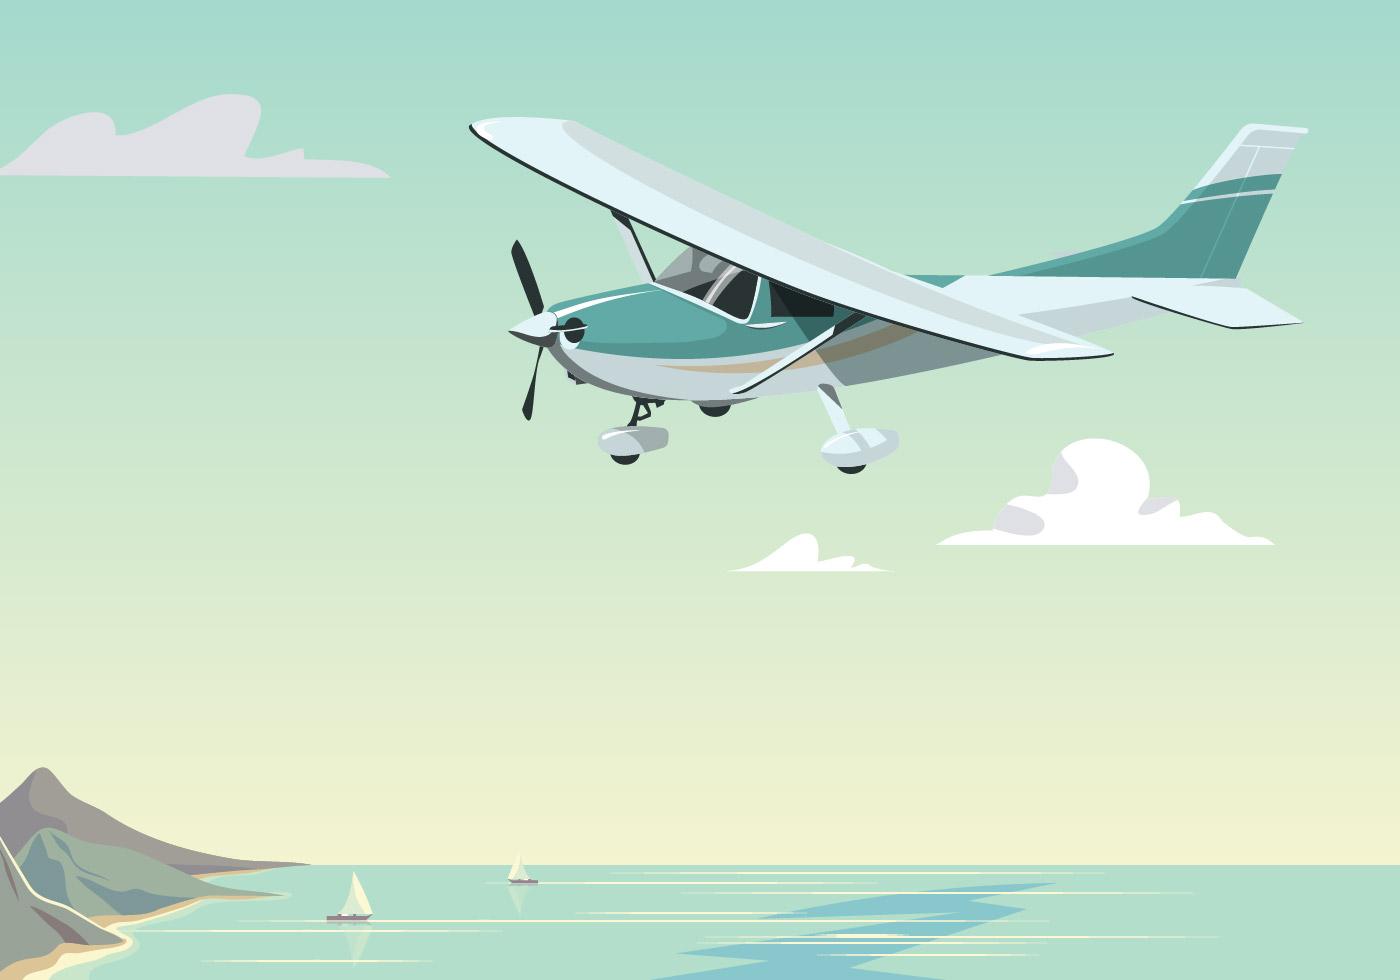 пластилина это самолет векторная картинка красивая немецком